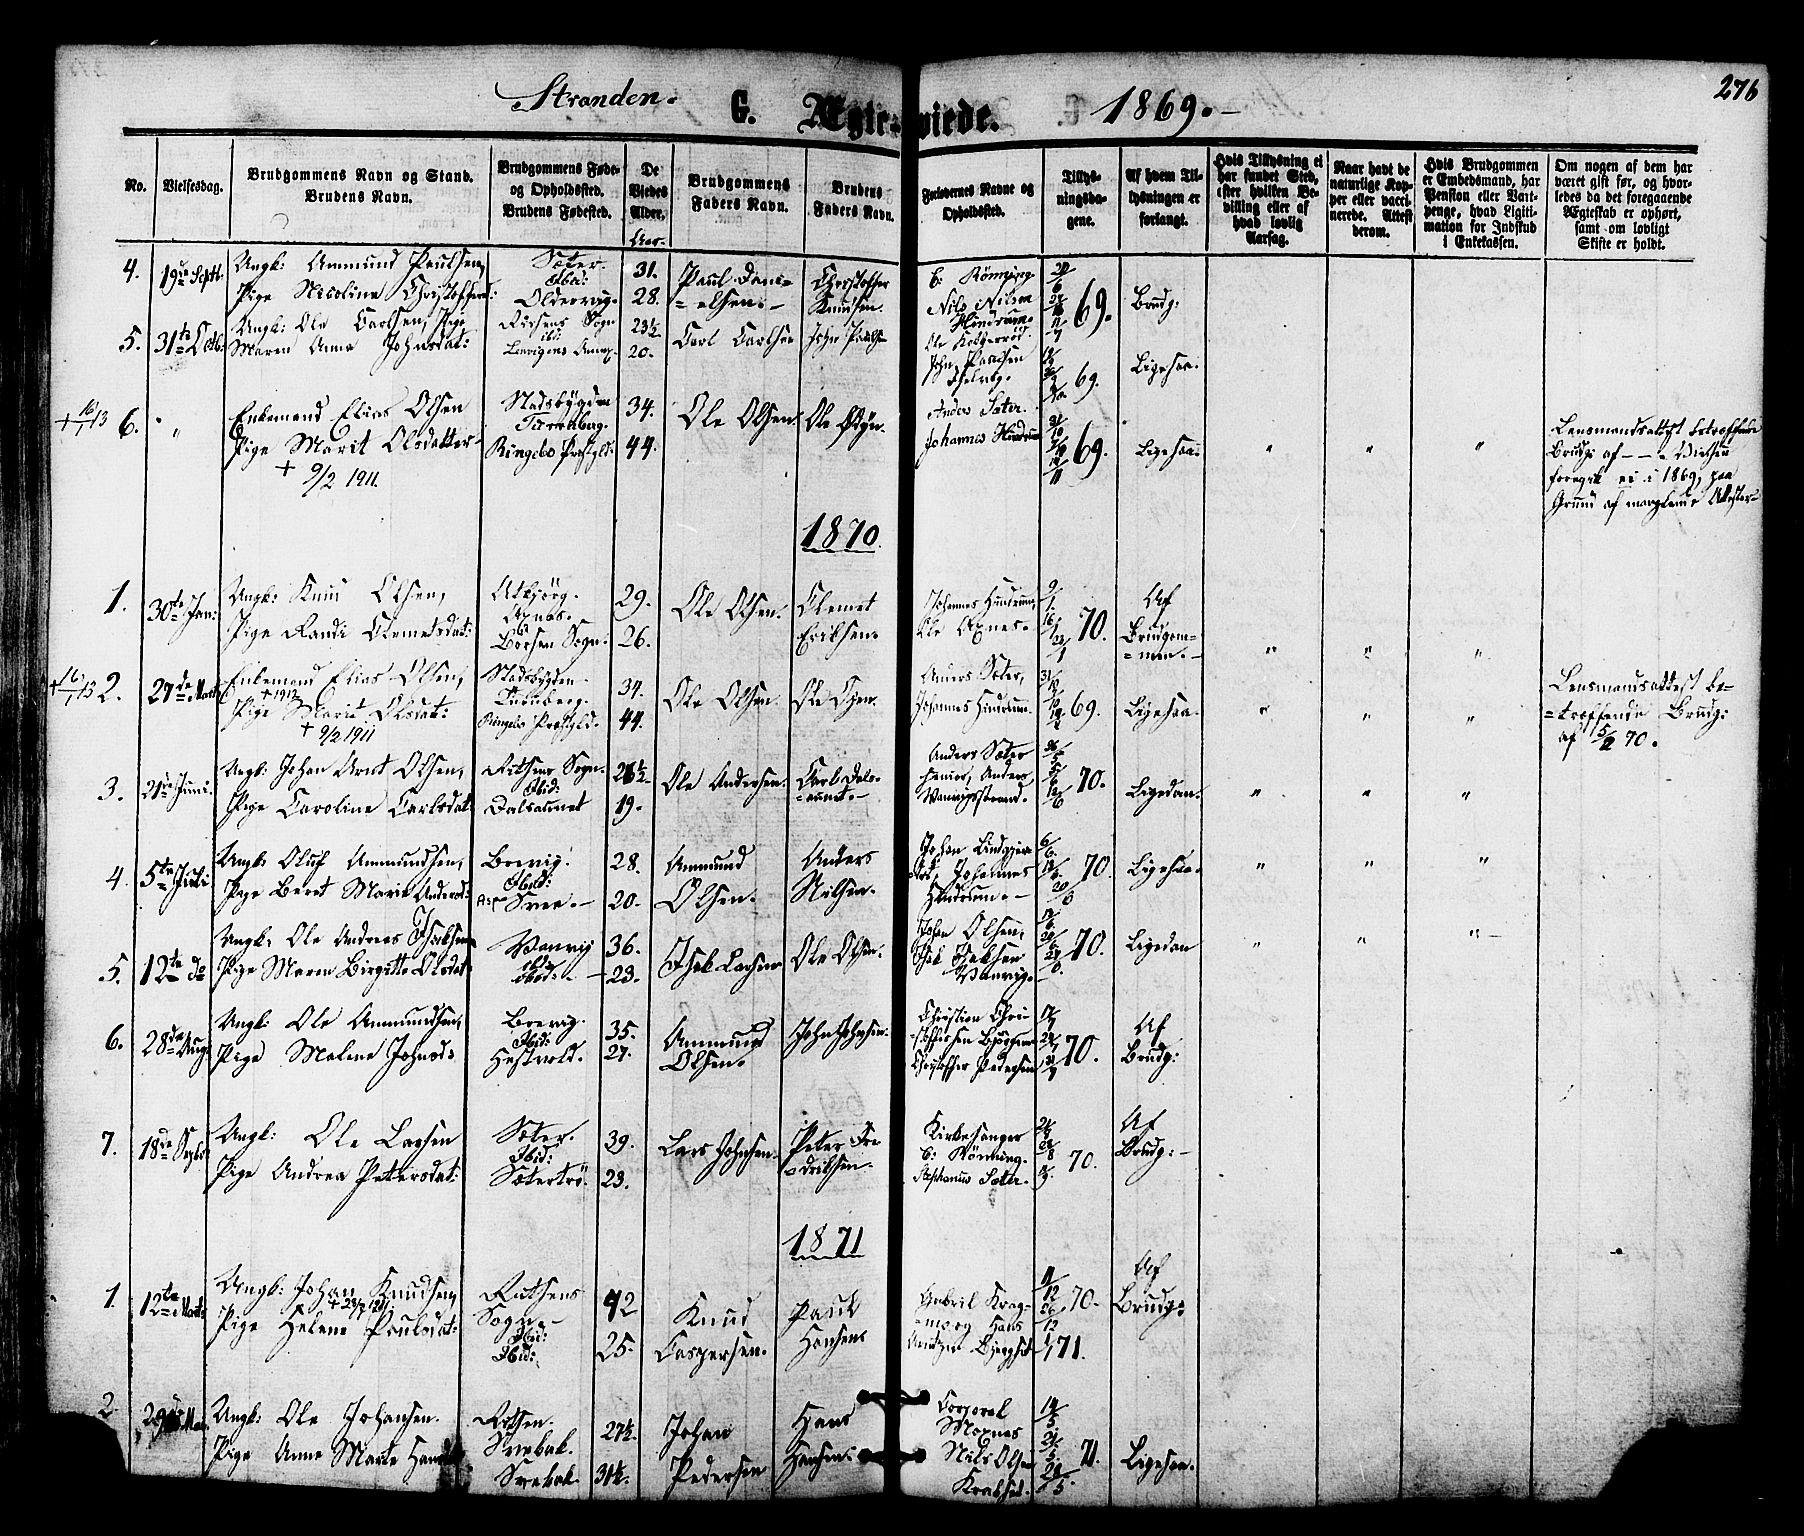 SAT, Ministerialprotokoller, klokkerbøker og fødselsregistre - Nord-Trøndelag, 701/L0009: Ministerialbok nr. 701A09 /2, 1864-1882, s. 276